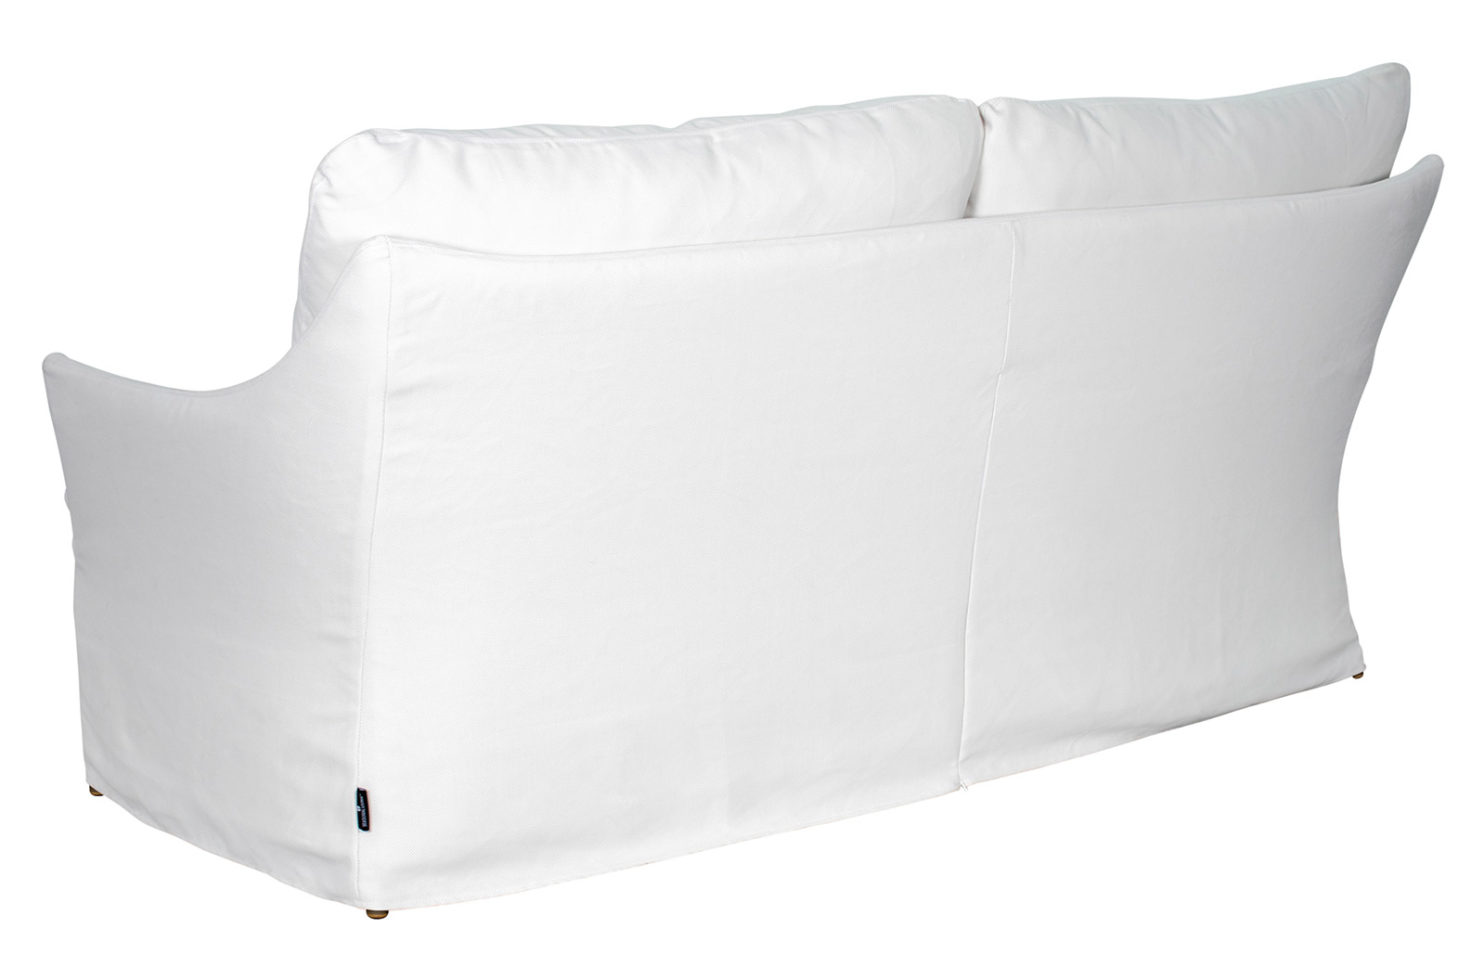 capri sofa 620FT094FC GW 1 3Qback